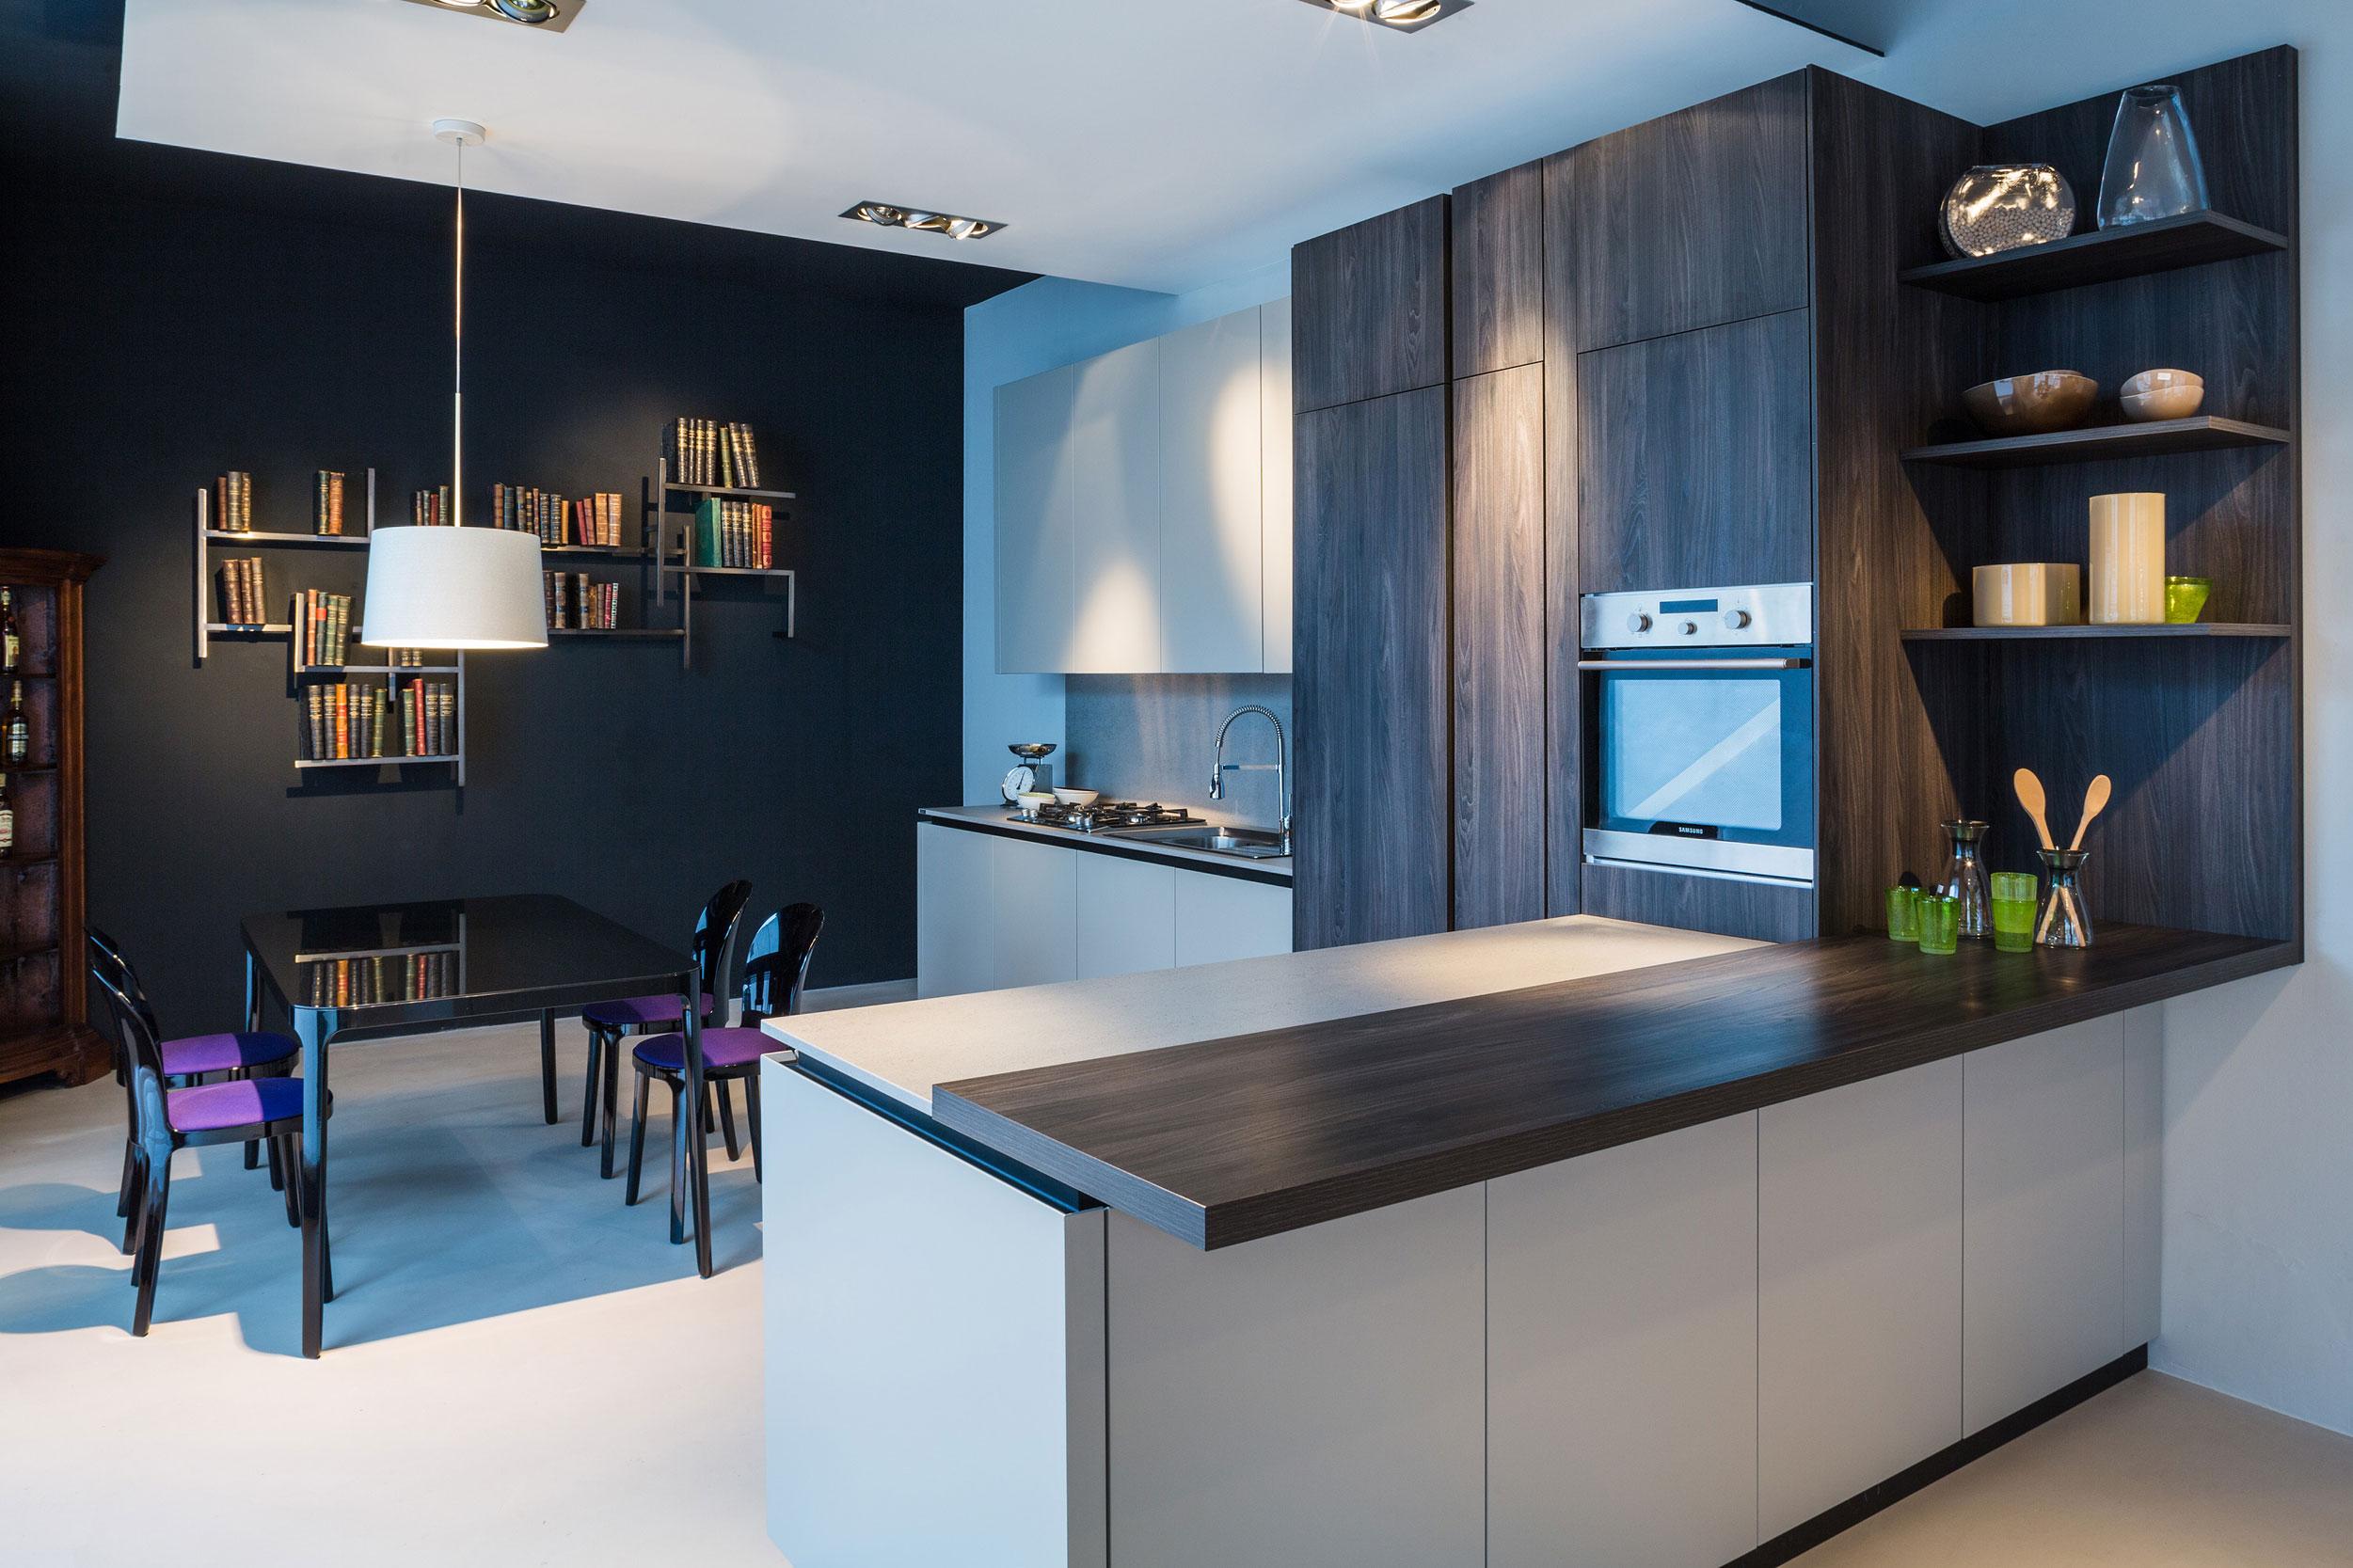 Cucina Sistema laccata_prodotta da Uimart